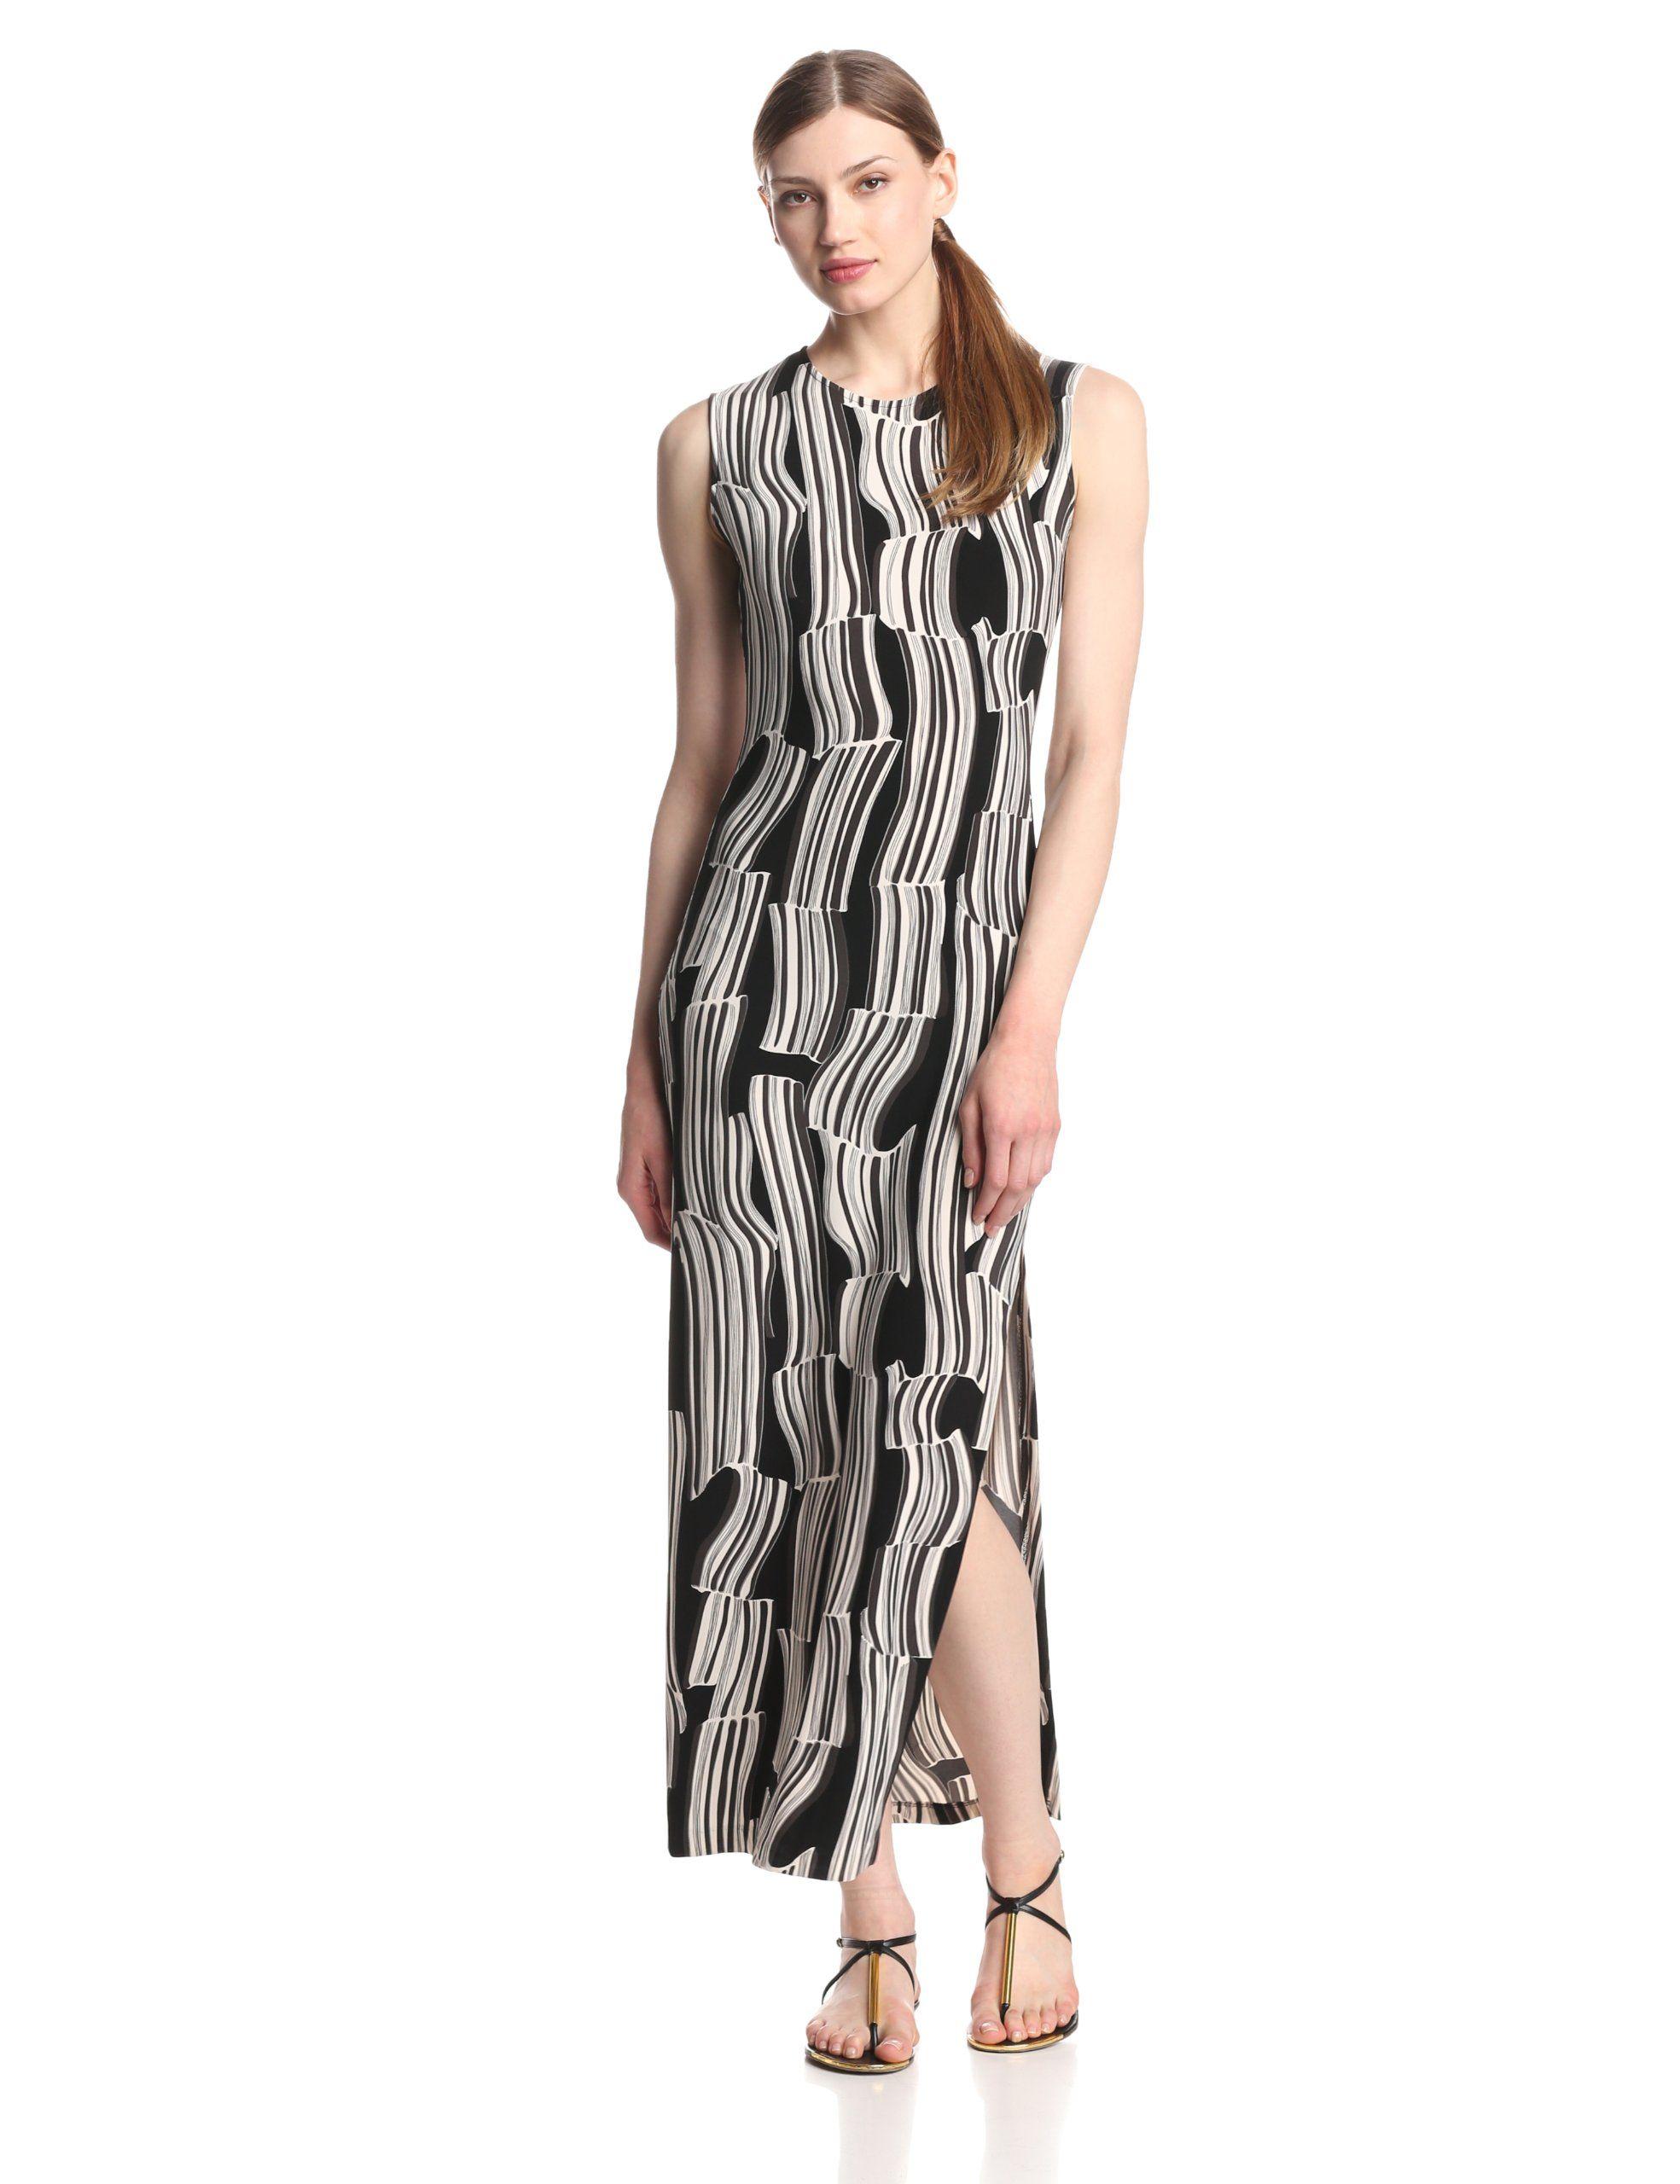 Kamalikulture womenus maxi dress with slit her o u t f i t s